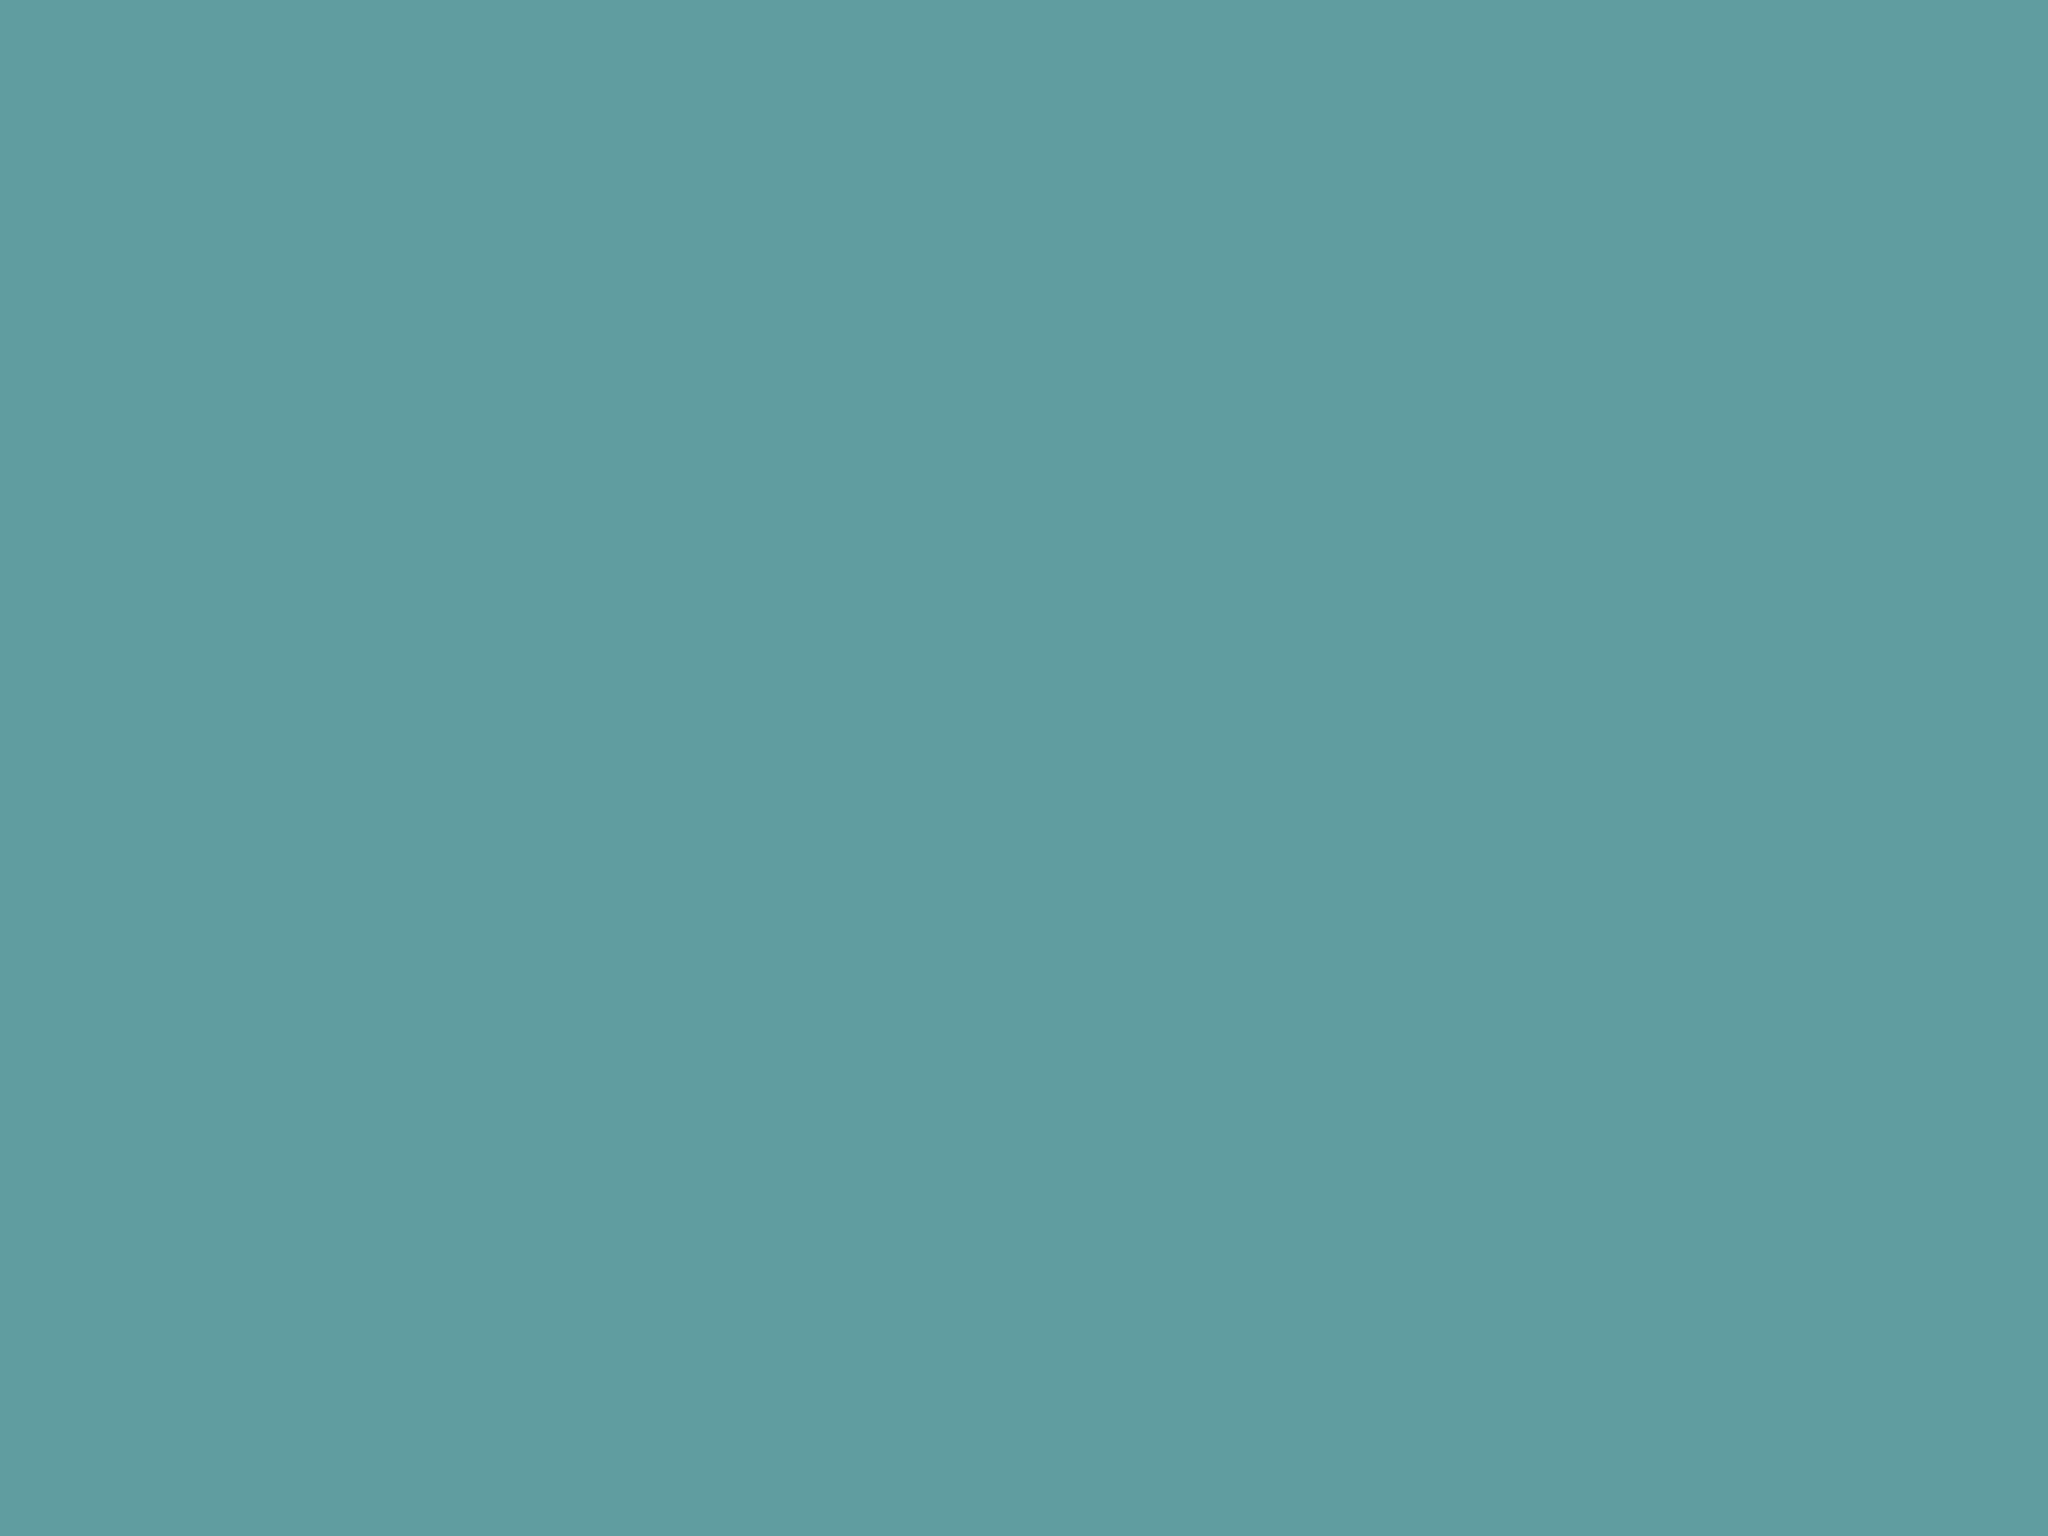 2048x1536 Cadet Blue Solid Color Background